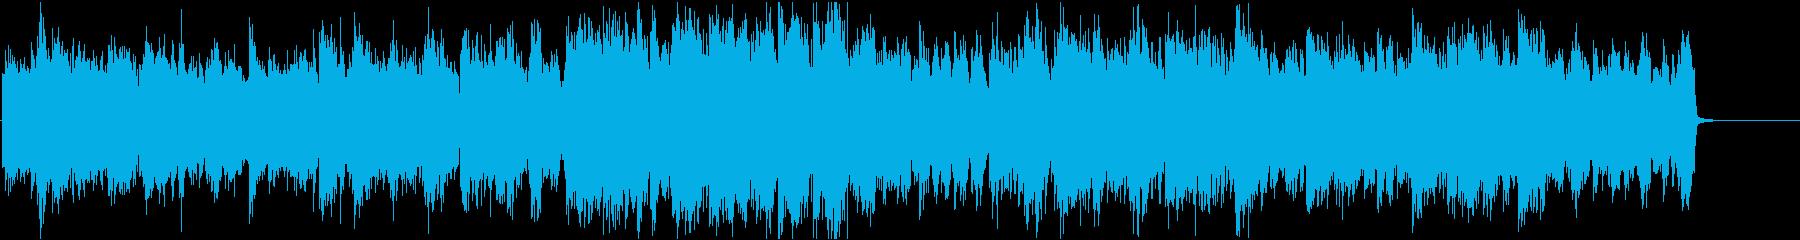 ピアノによる洗練された美(ピアノソロ版)の再生済みの波形